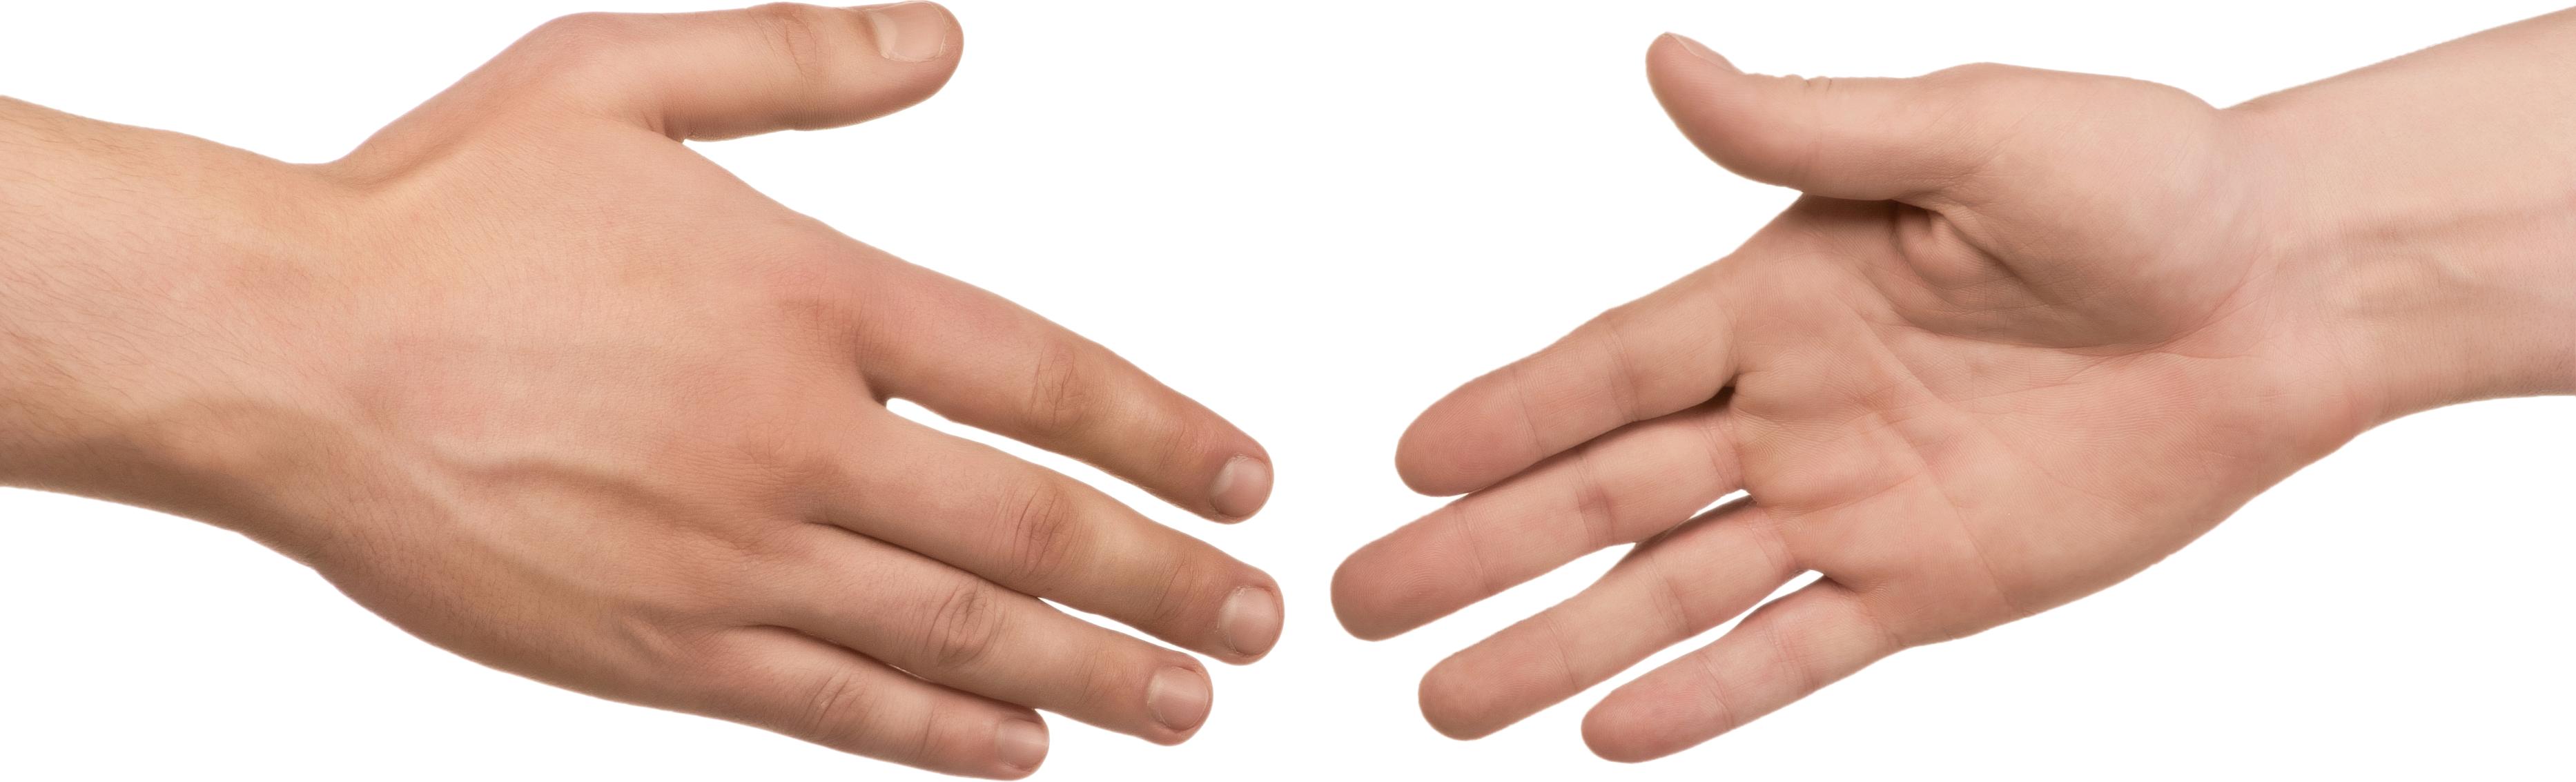 Hands PNG - 9967